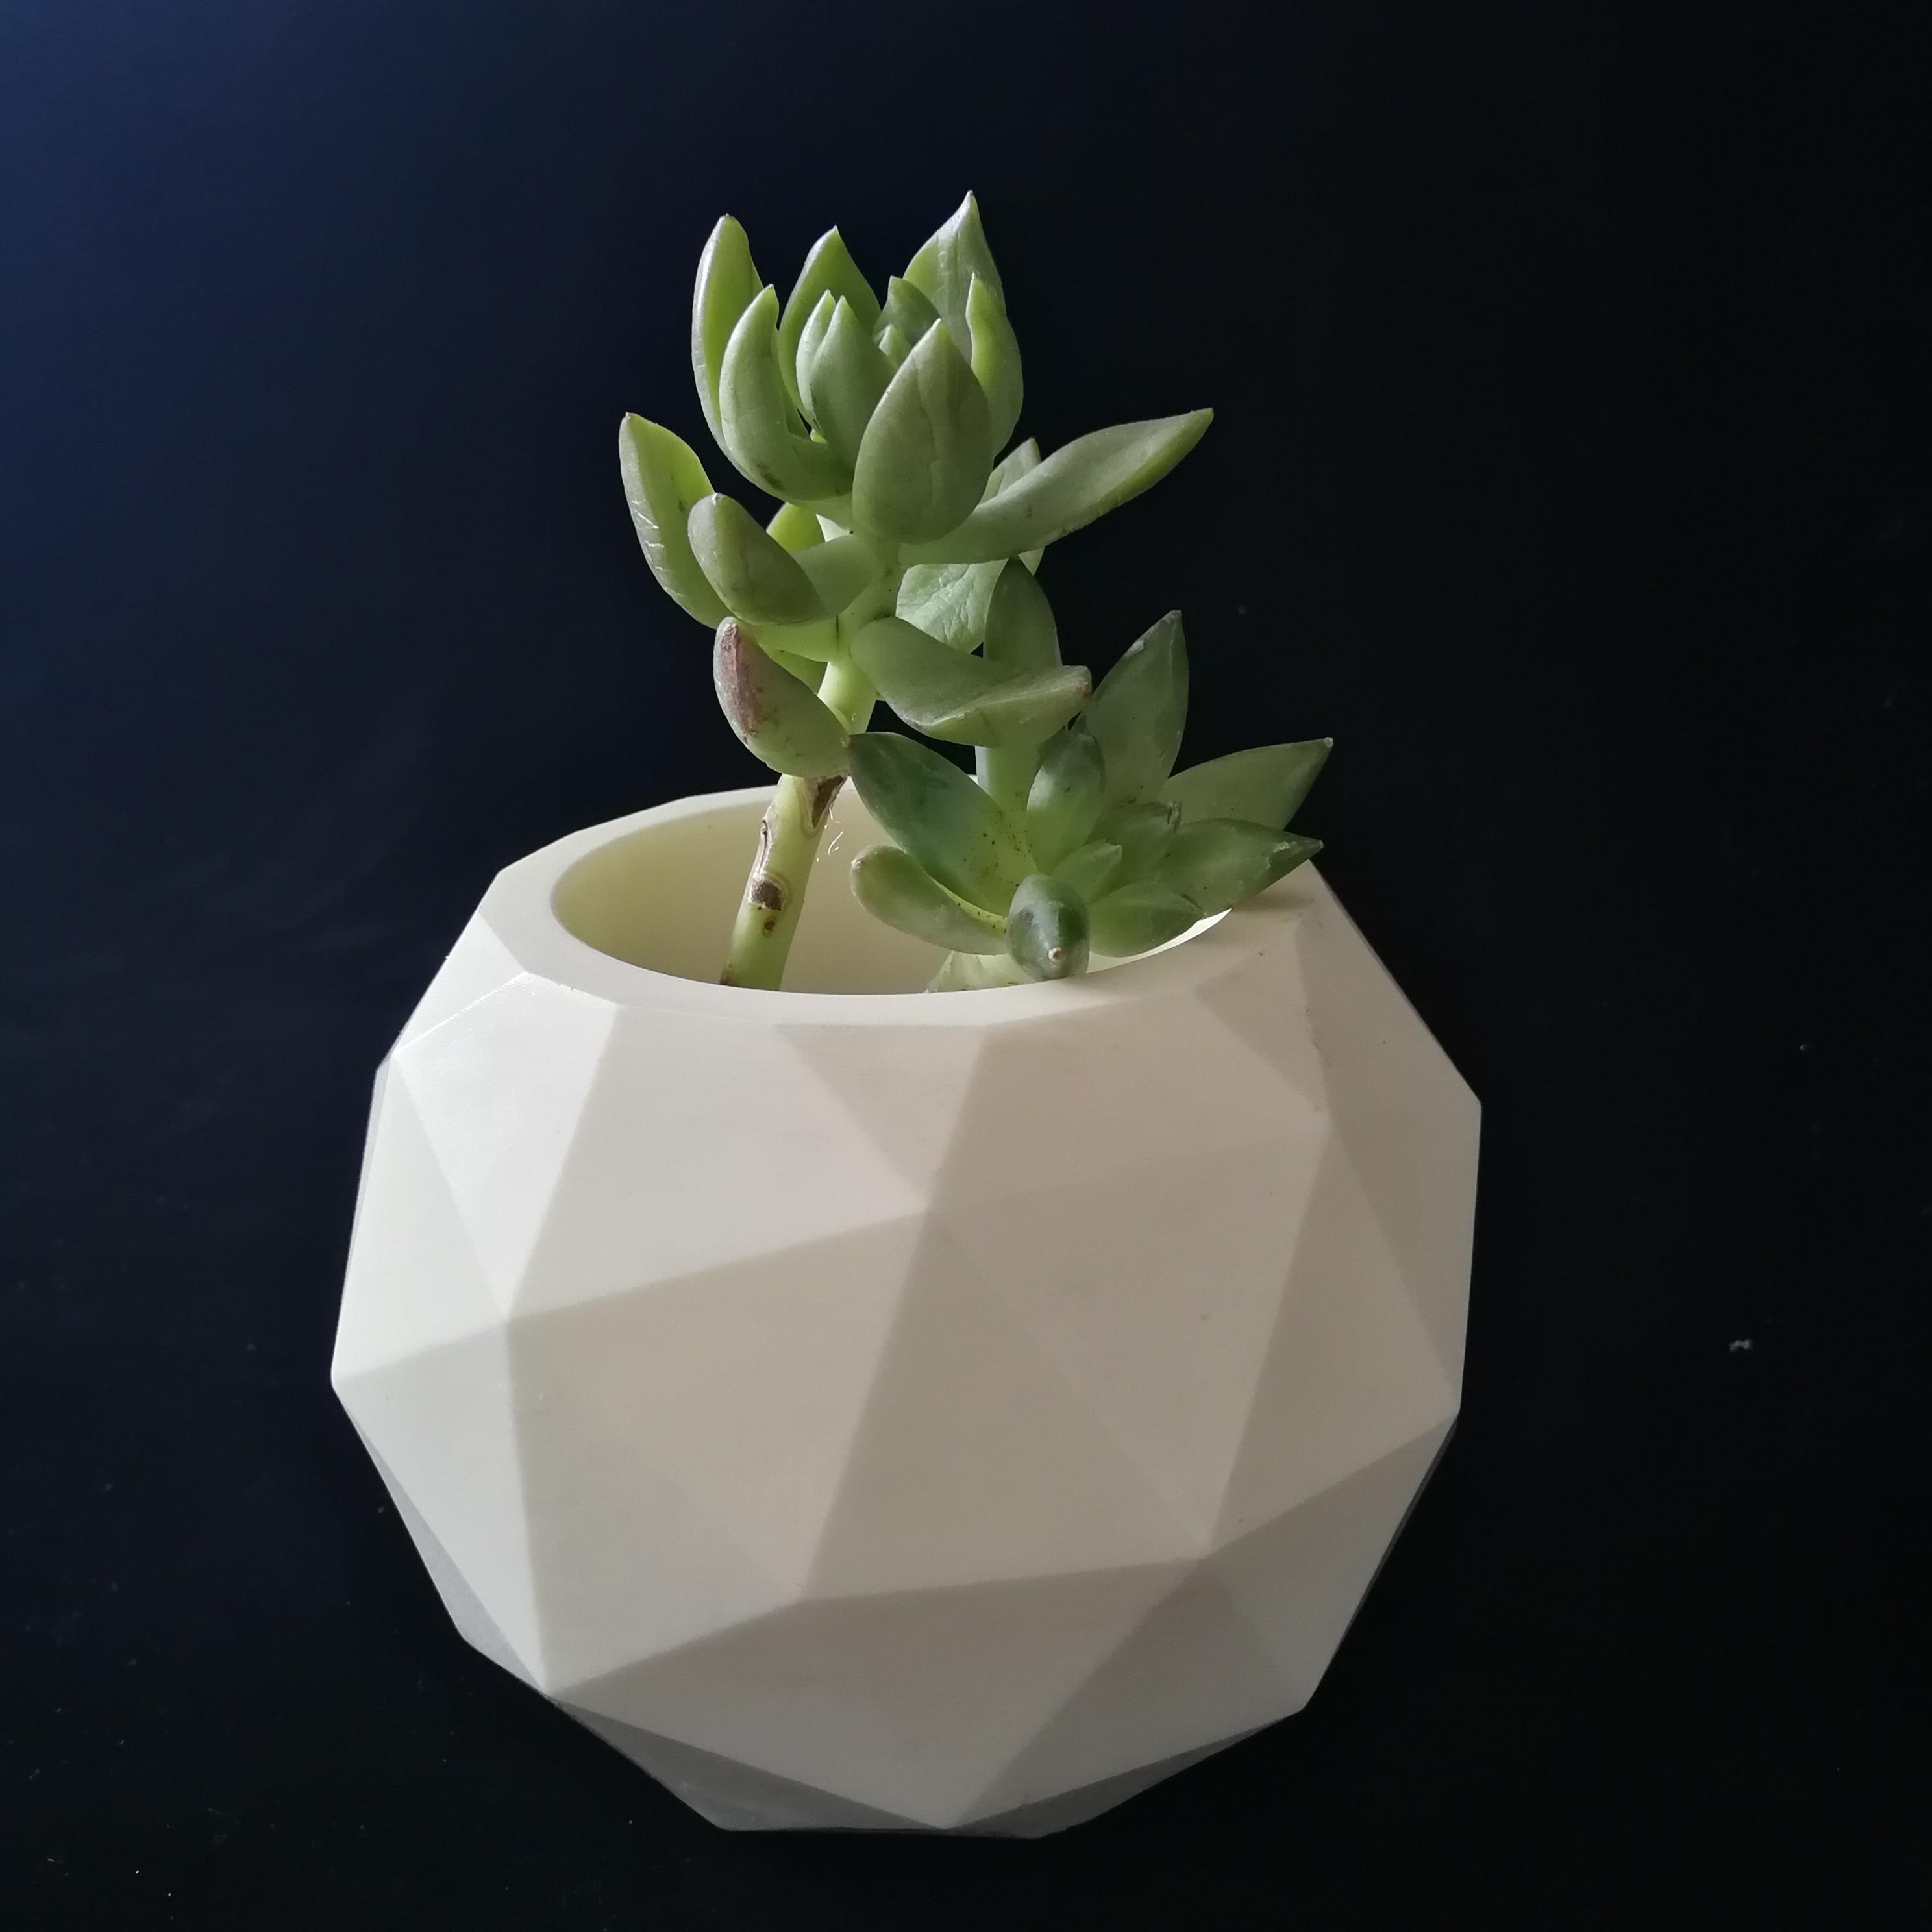 3D Silicone Flower Pot Succulent Plant Mold DIY Craft Concrete Vase Soap Moulds